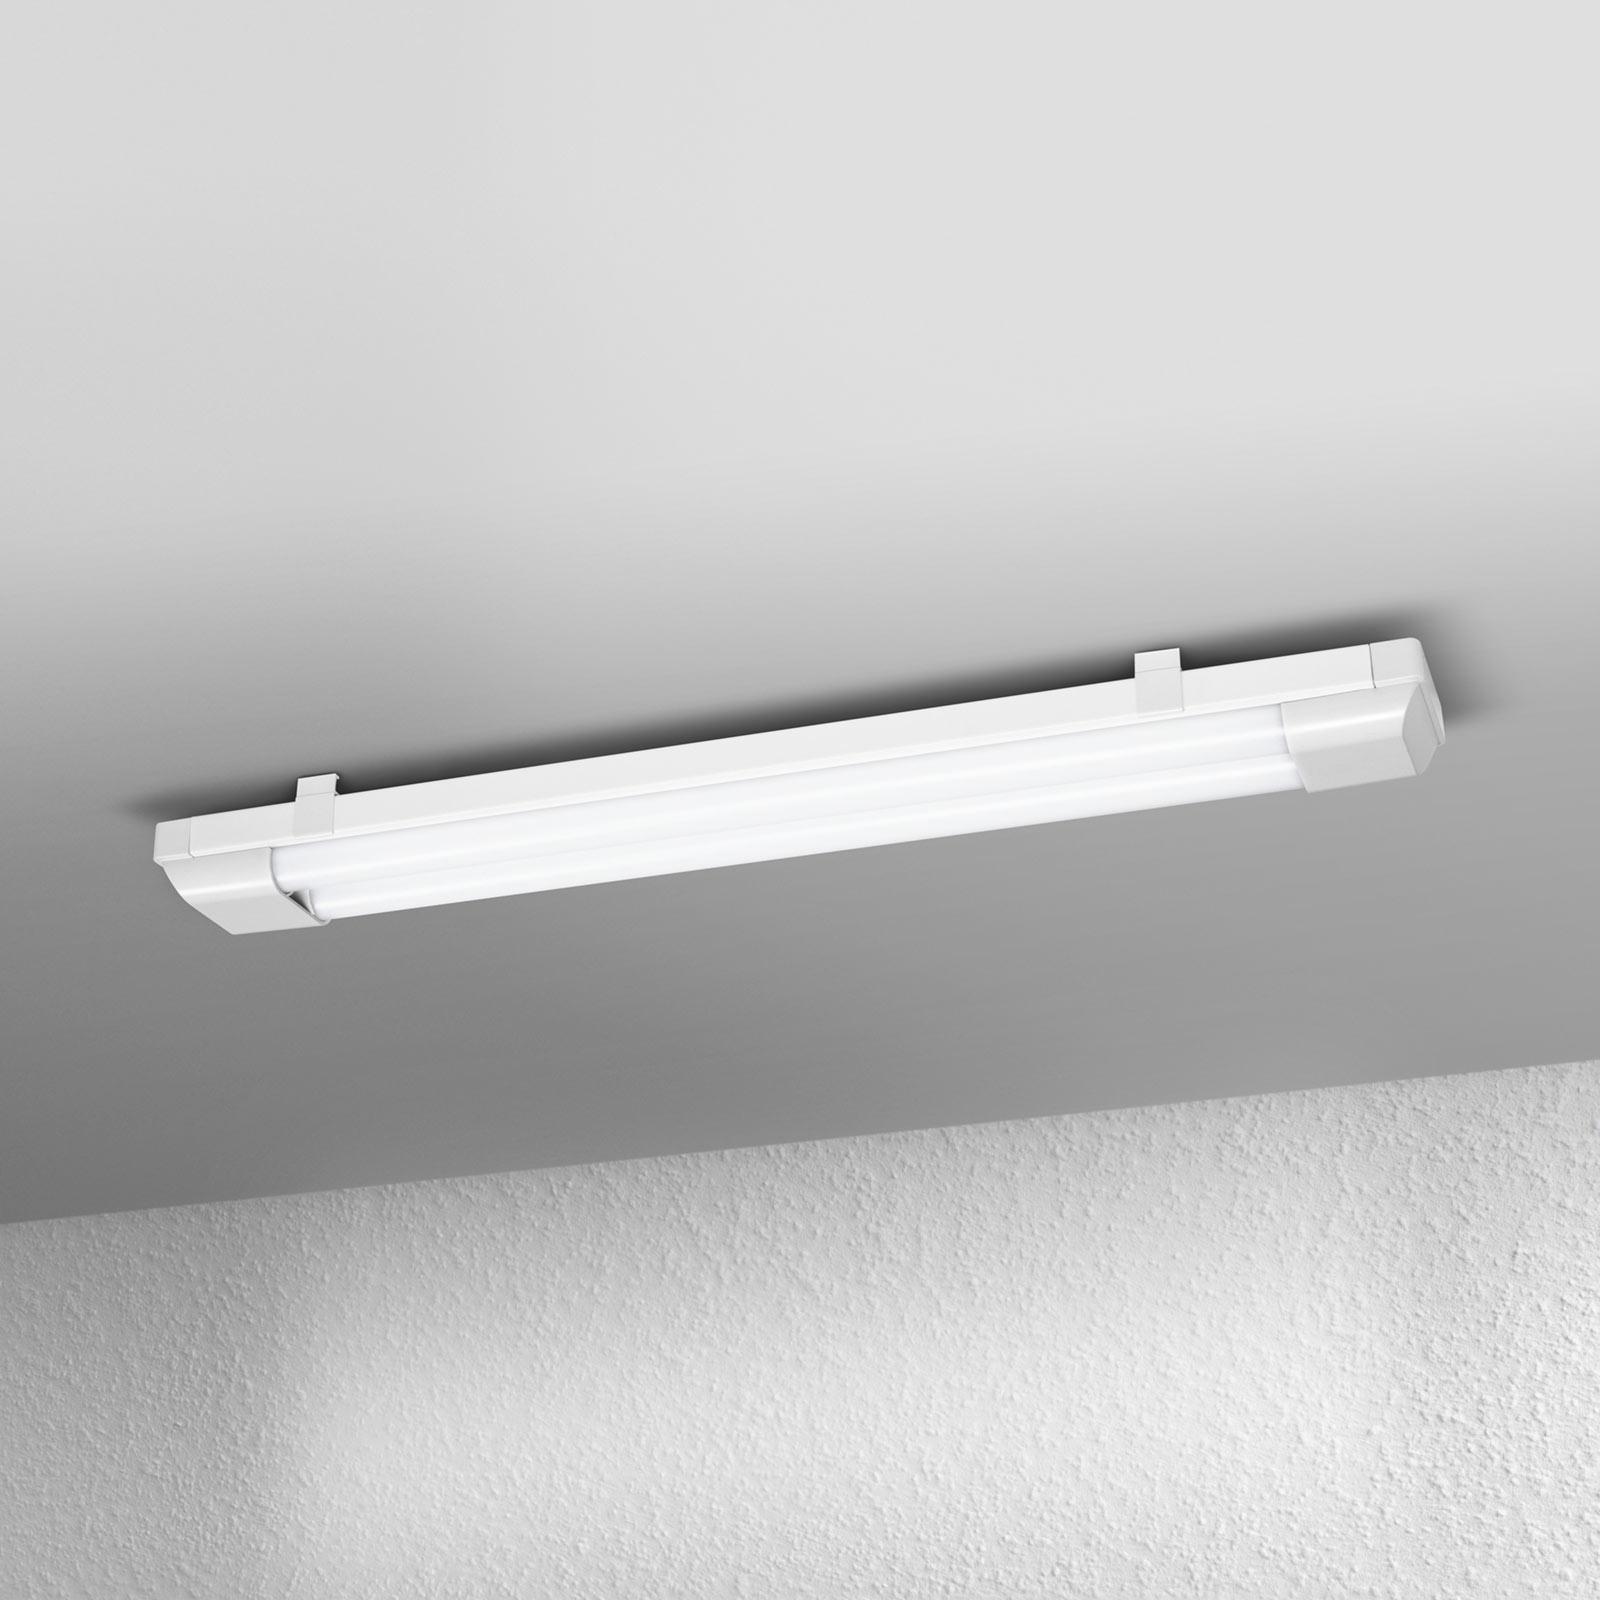 LEDVANCE Power Batten Dopp lampa sufitowa 3000K